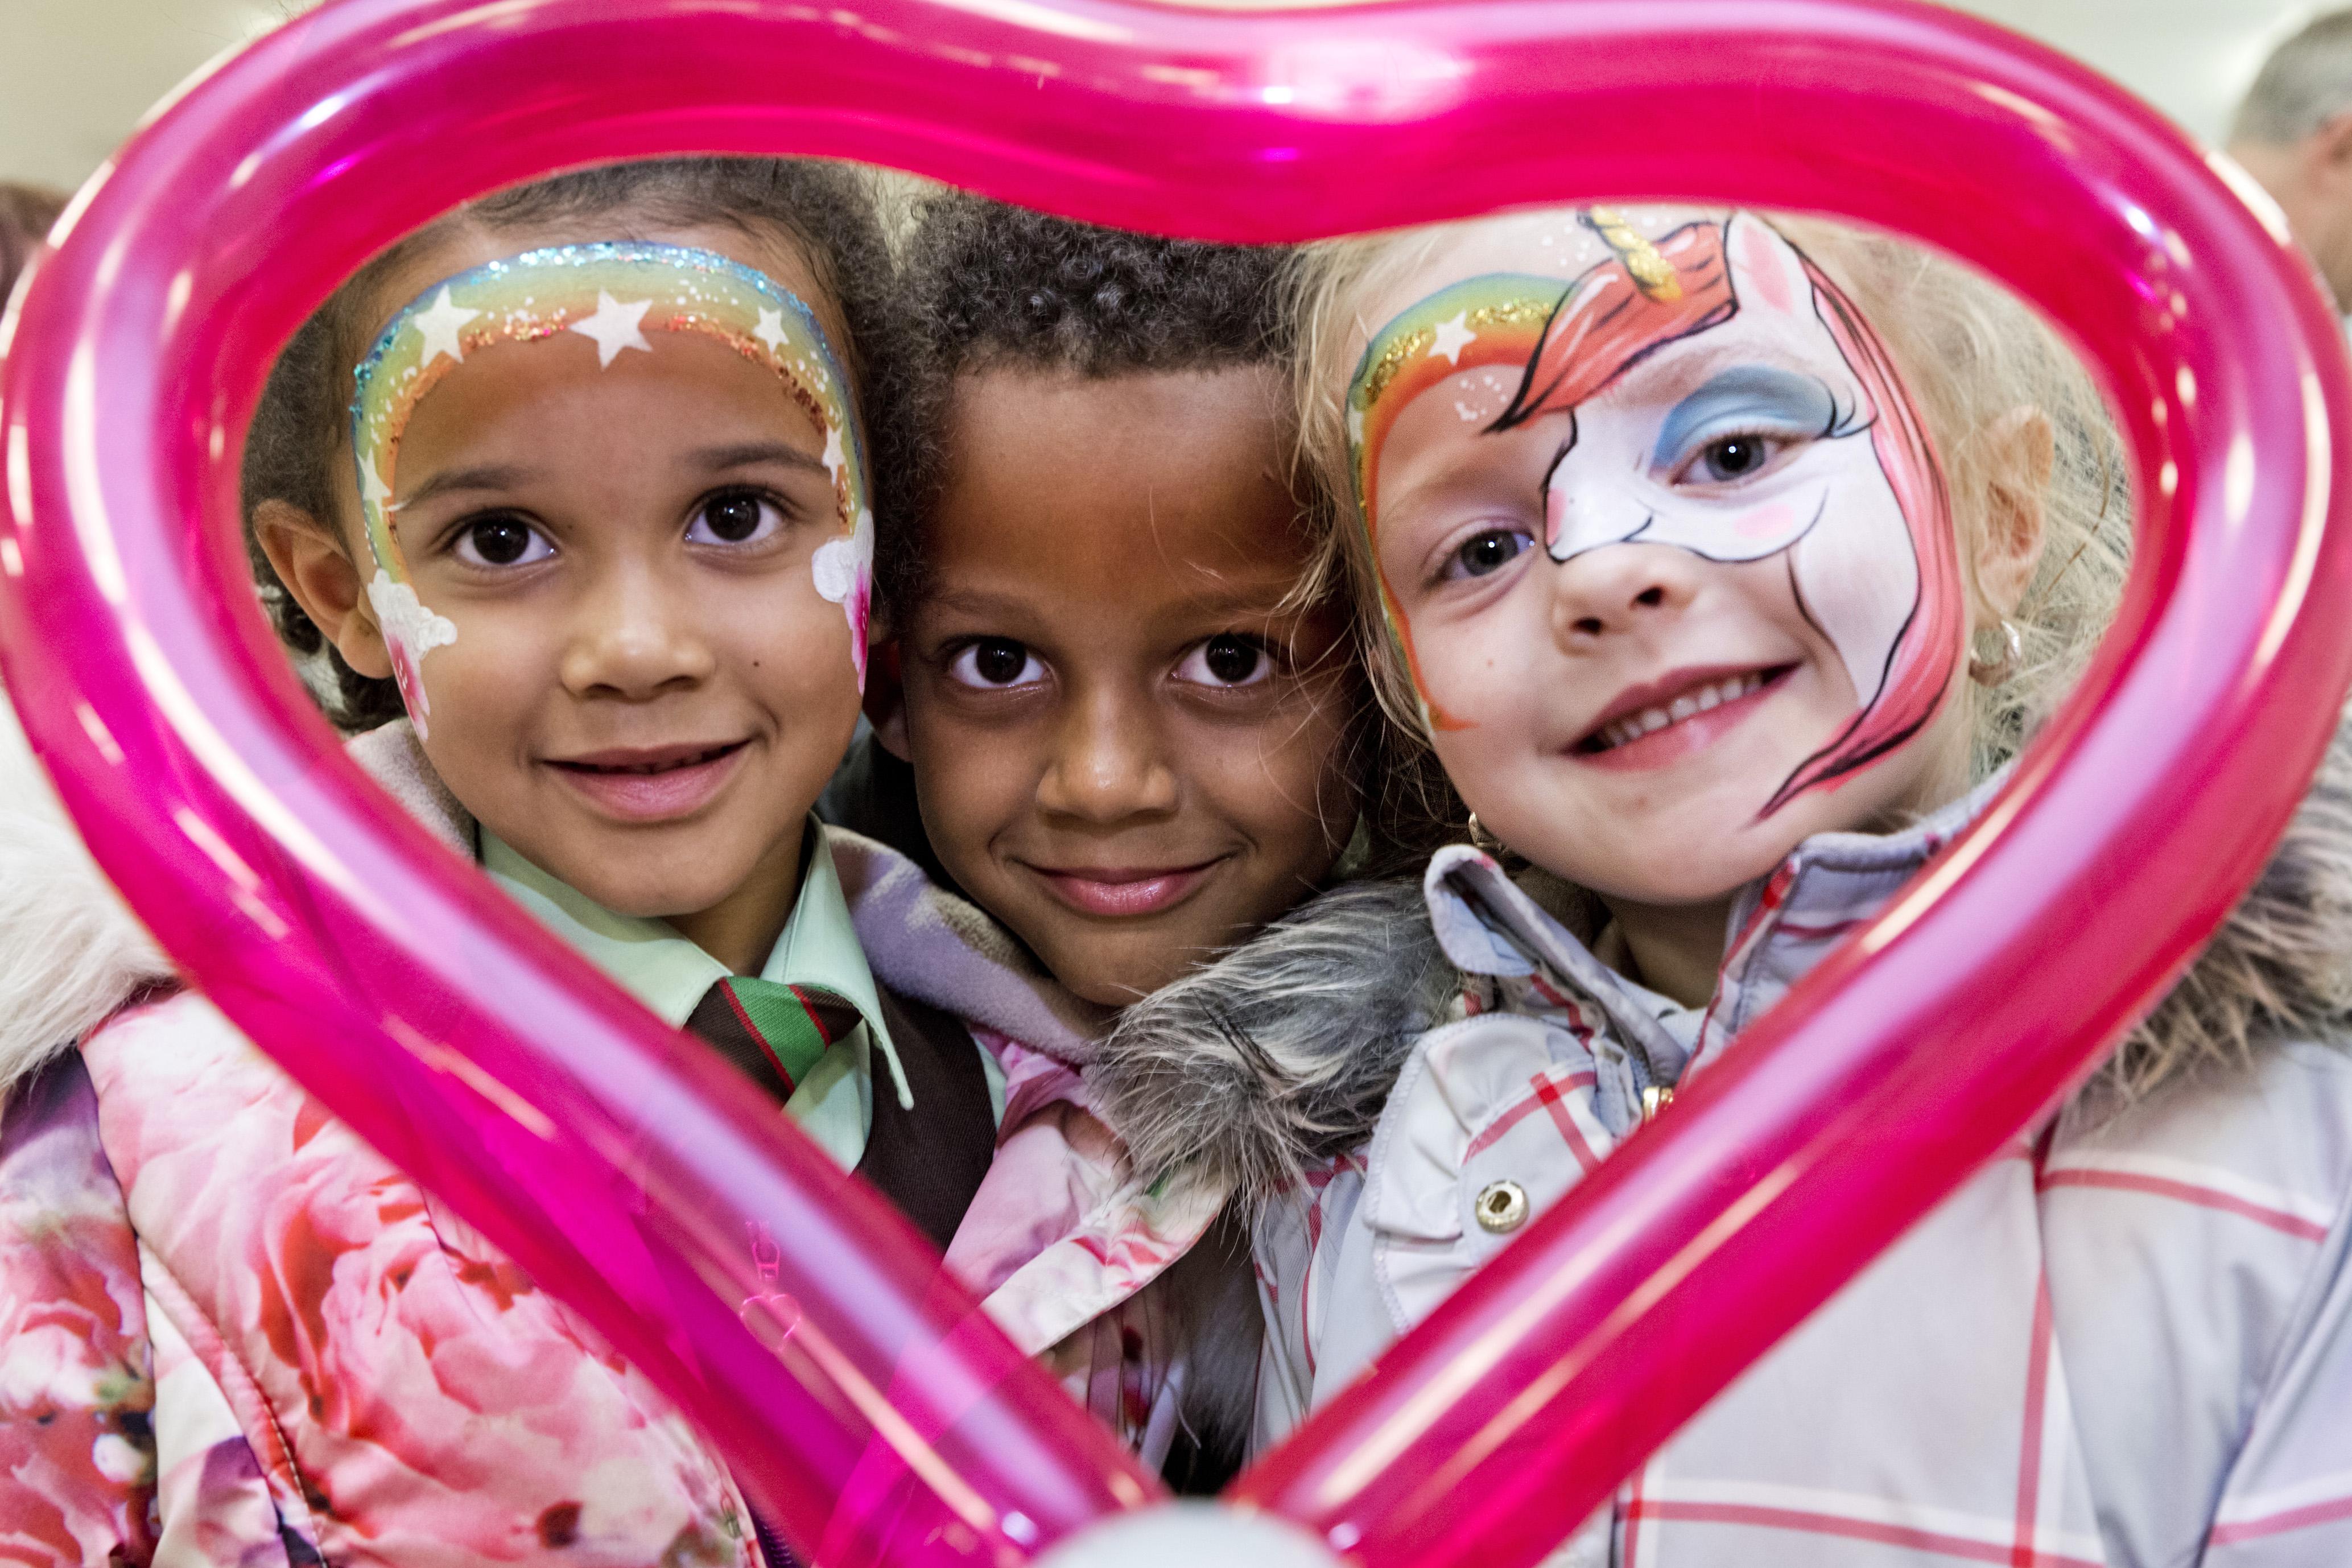 Young Kids Looking Through A Love Heart Ballon